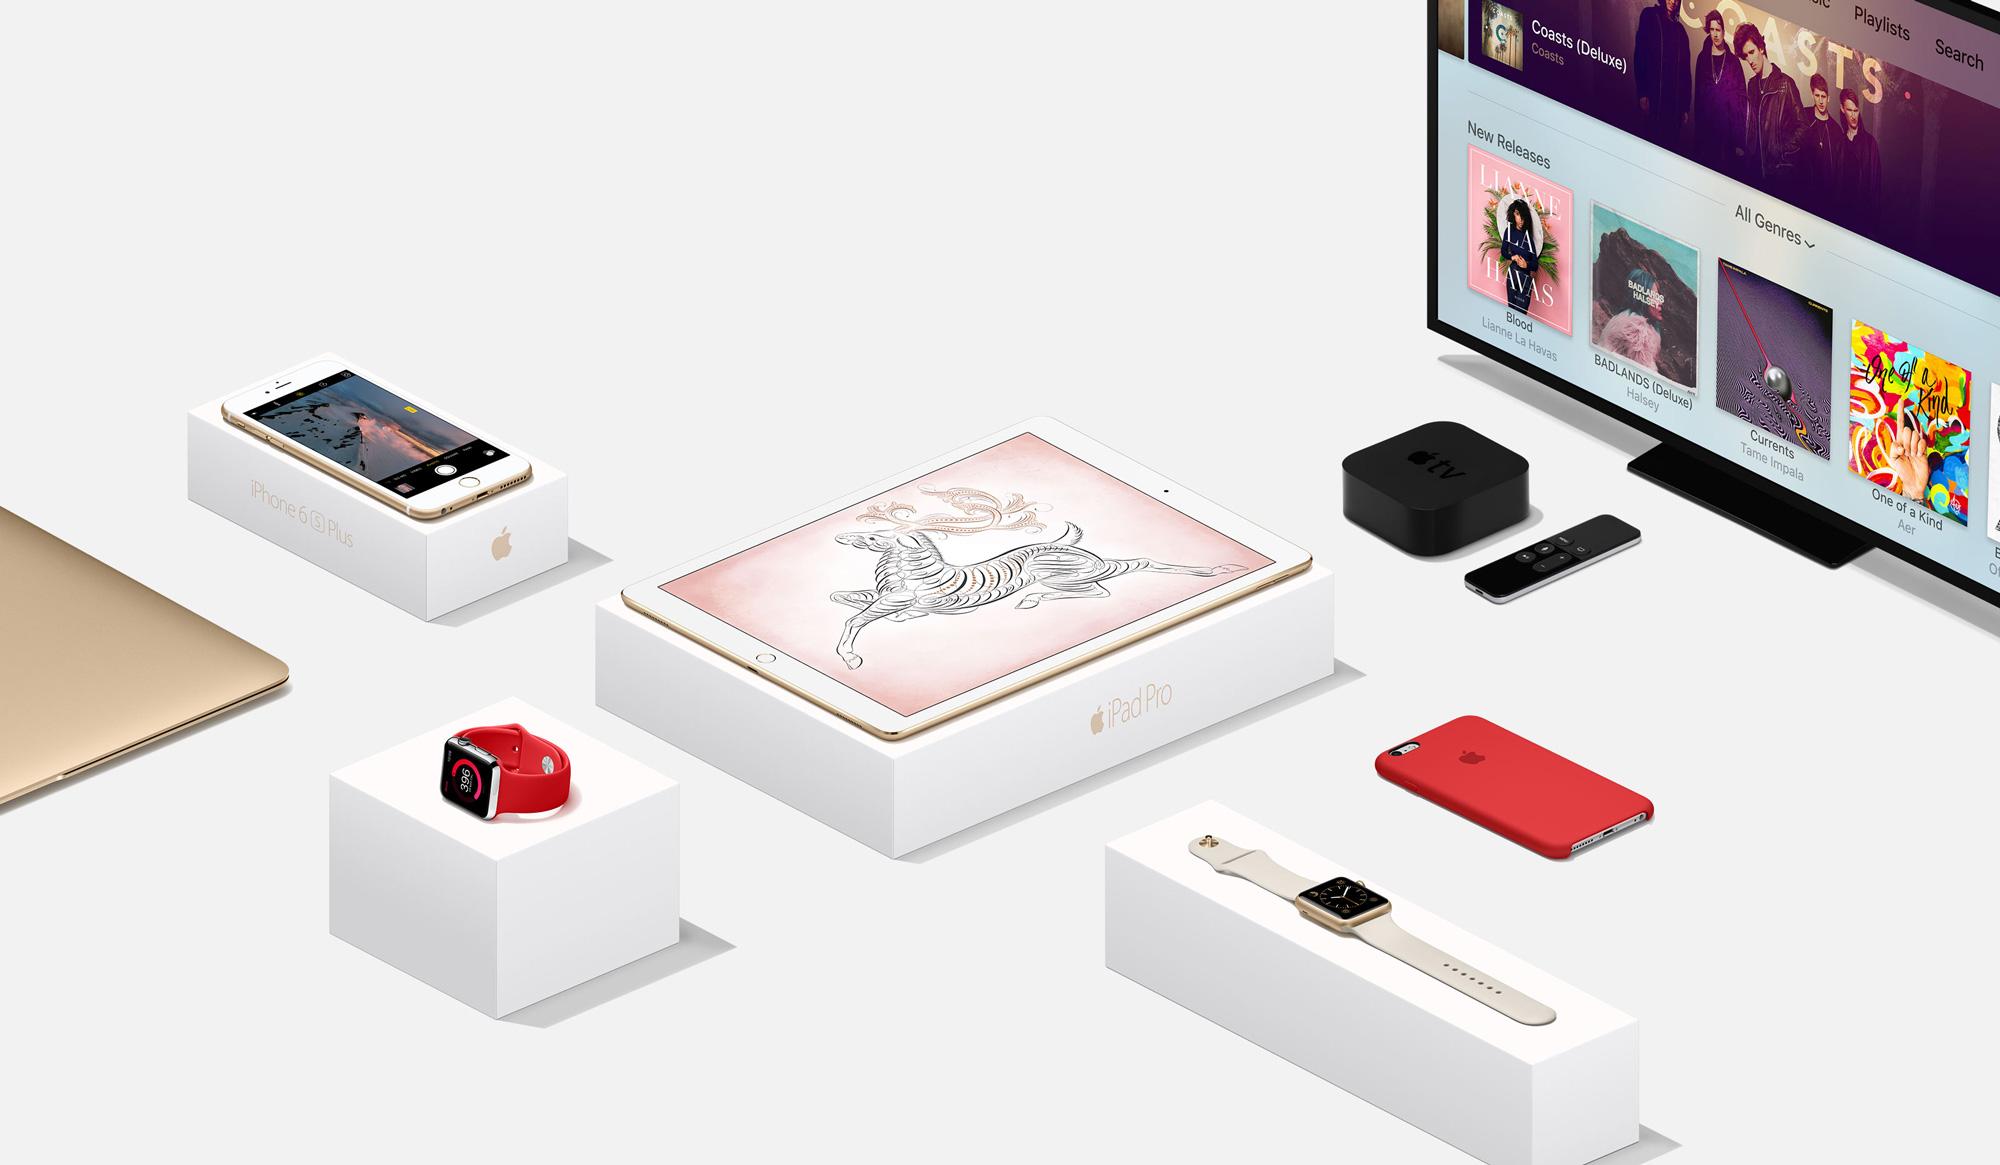 I migliori regali Apple: 5 idee regalo per Natale 2016